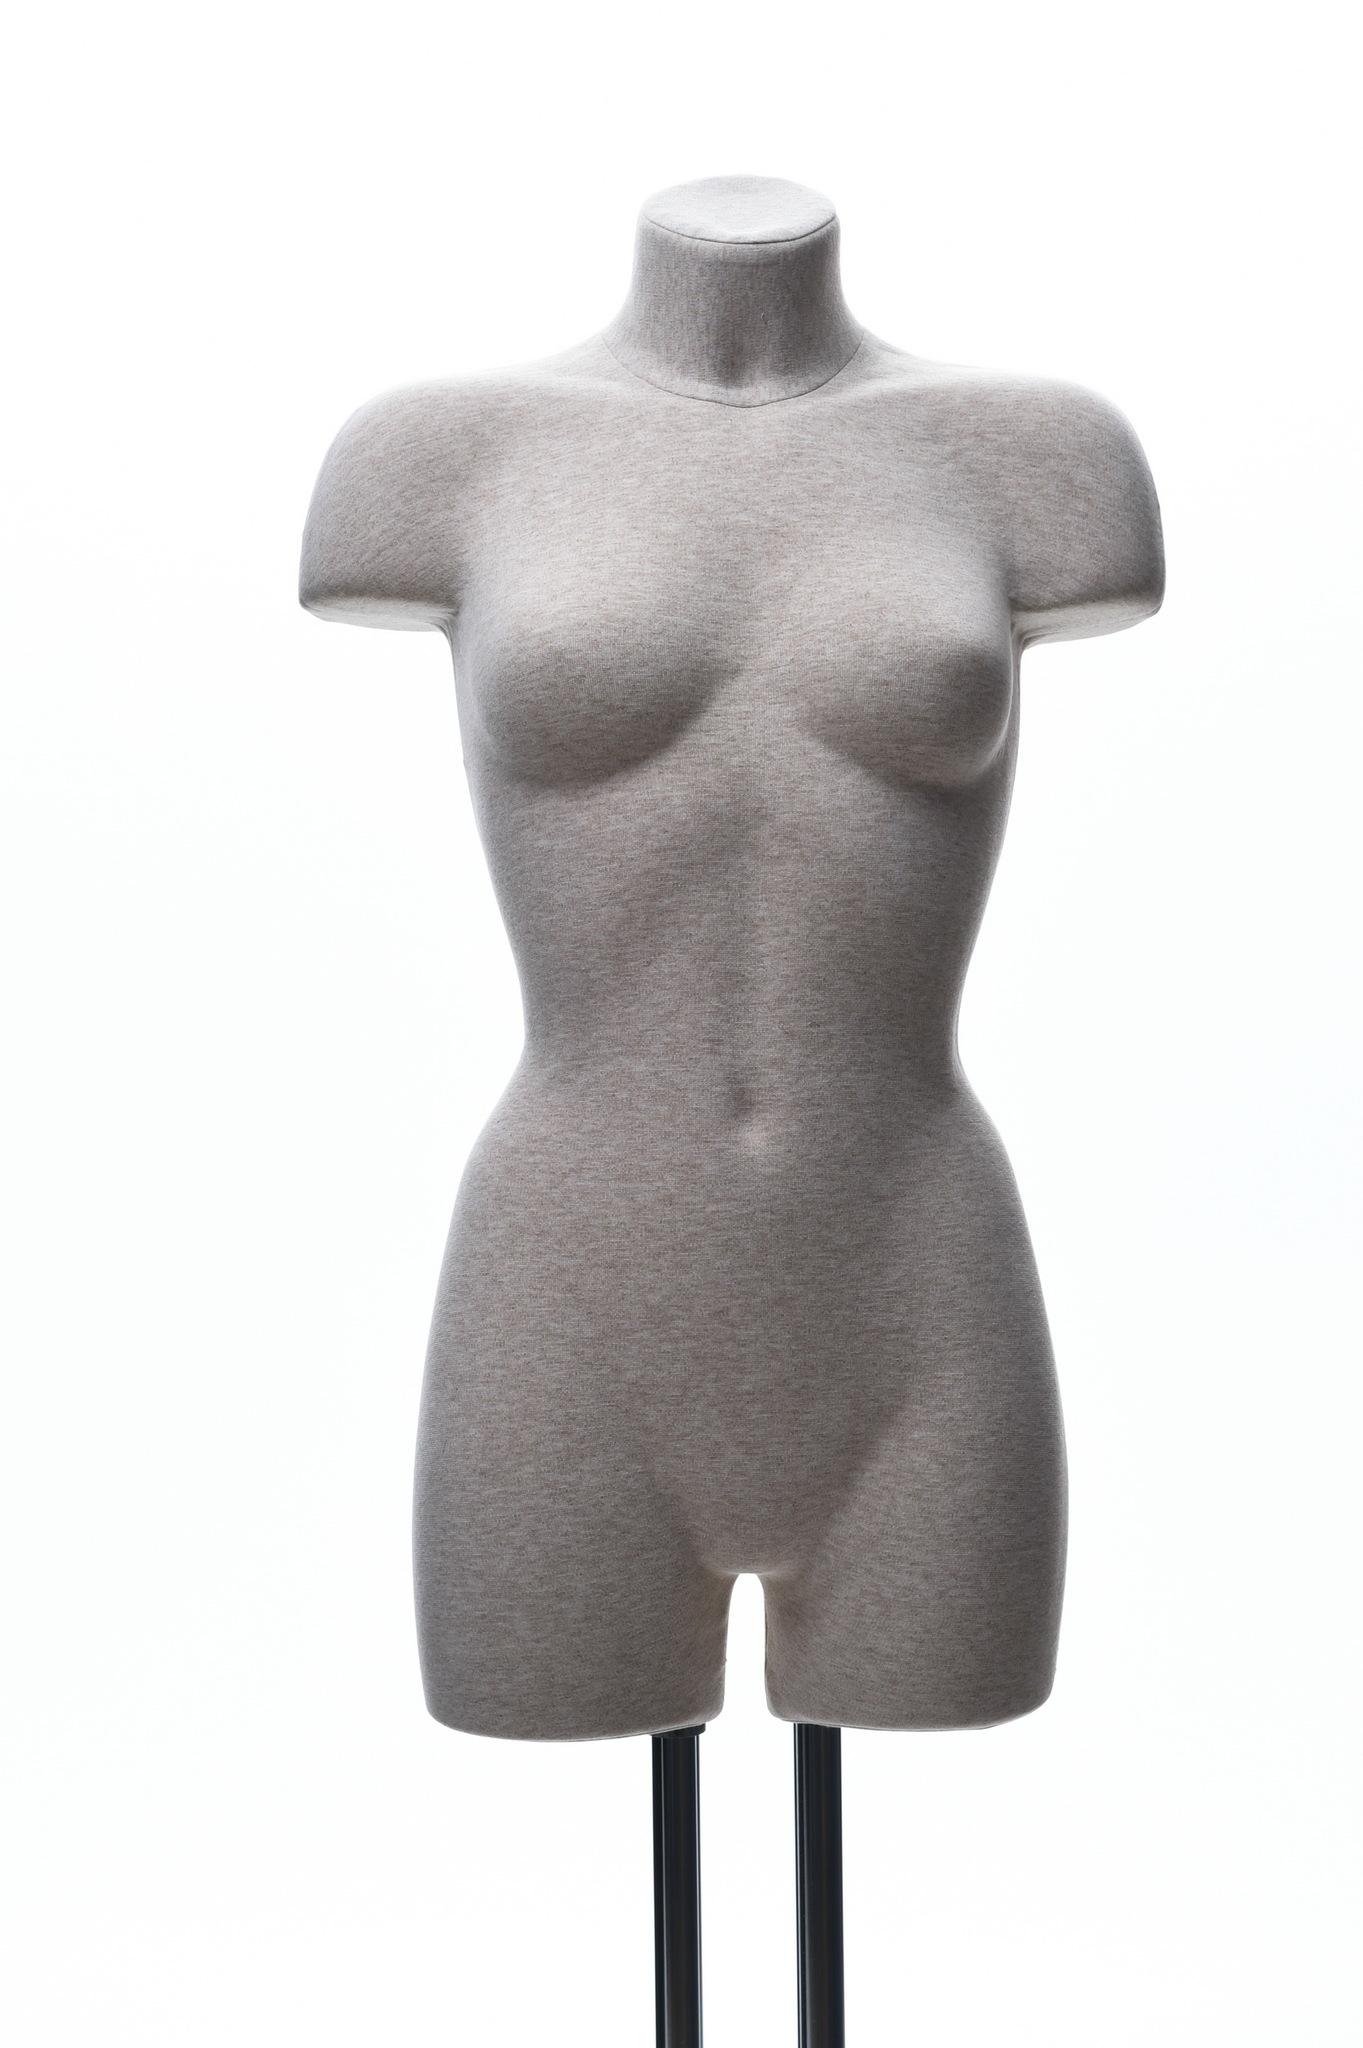 Демонстрационный женский манекен 42-44 размер (телесный)